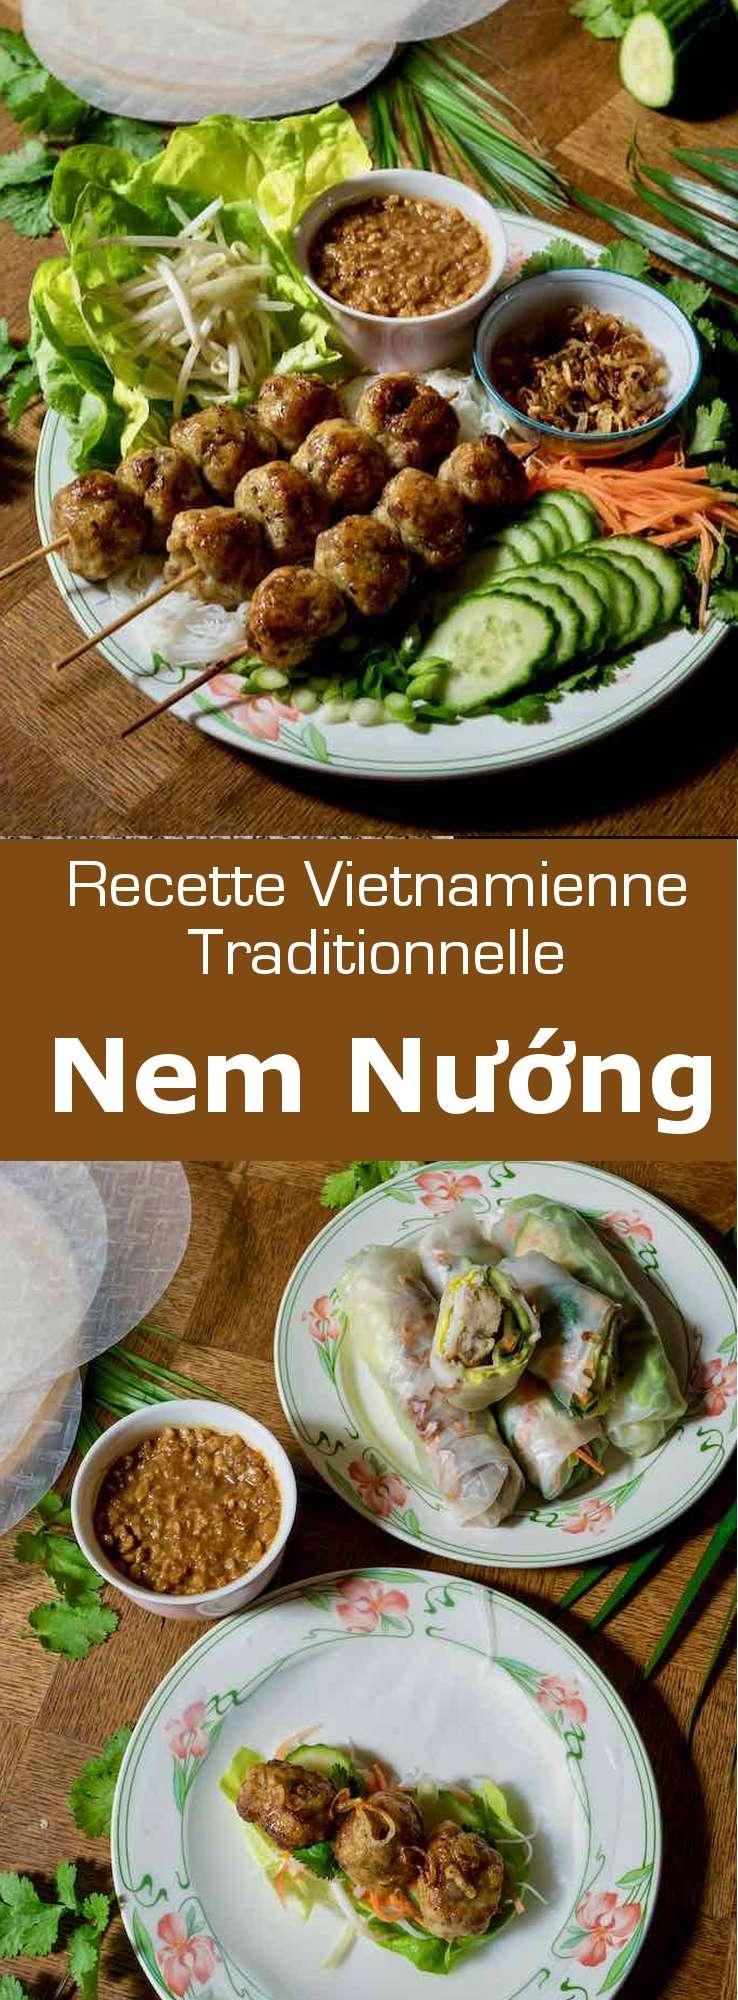 Le nem nướng est un mets populaire vietnamien qui se compose de boulettes ou de saucisses de porc grillées en accompagnement de vermicelles de riz et galettes de riz. #Vietnam #RecetteVietnamienne #CuisineVietnamienne #CuisineAsiatique #RecetteAsiatique #CuisineDuMonde #196flavors